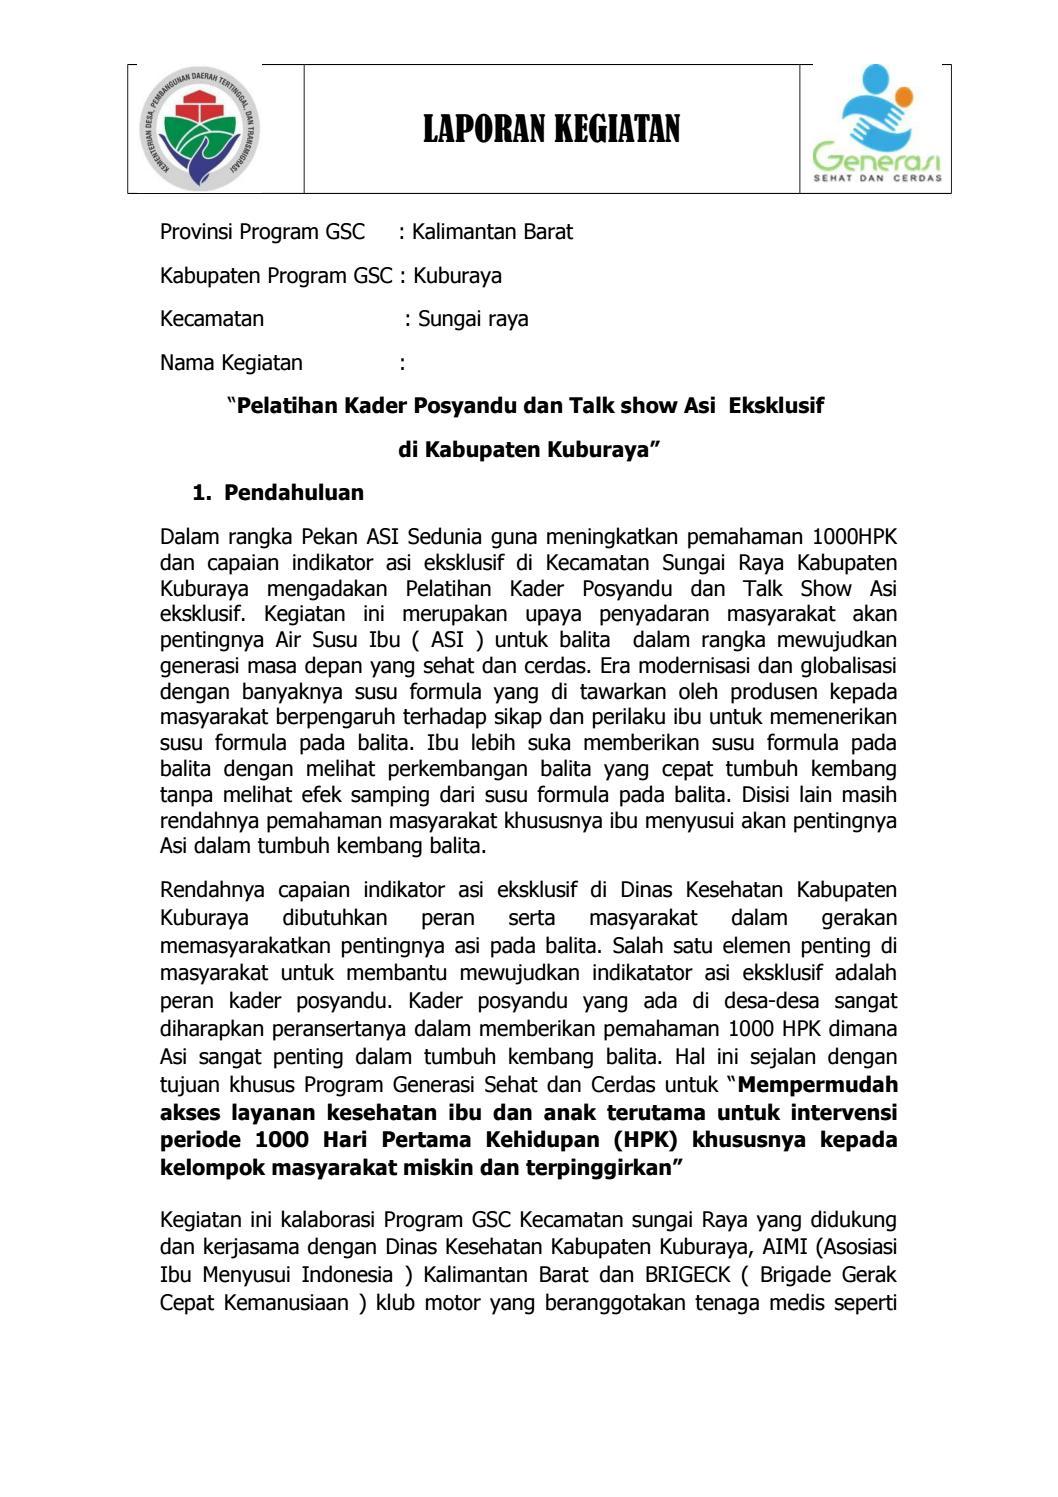 Warta Gsc Kuburaya Pelatihan Kader Posyandu By Thedjo Aza Issuu